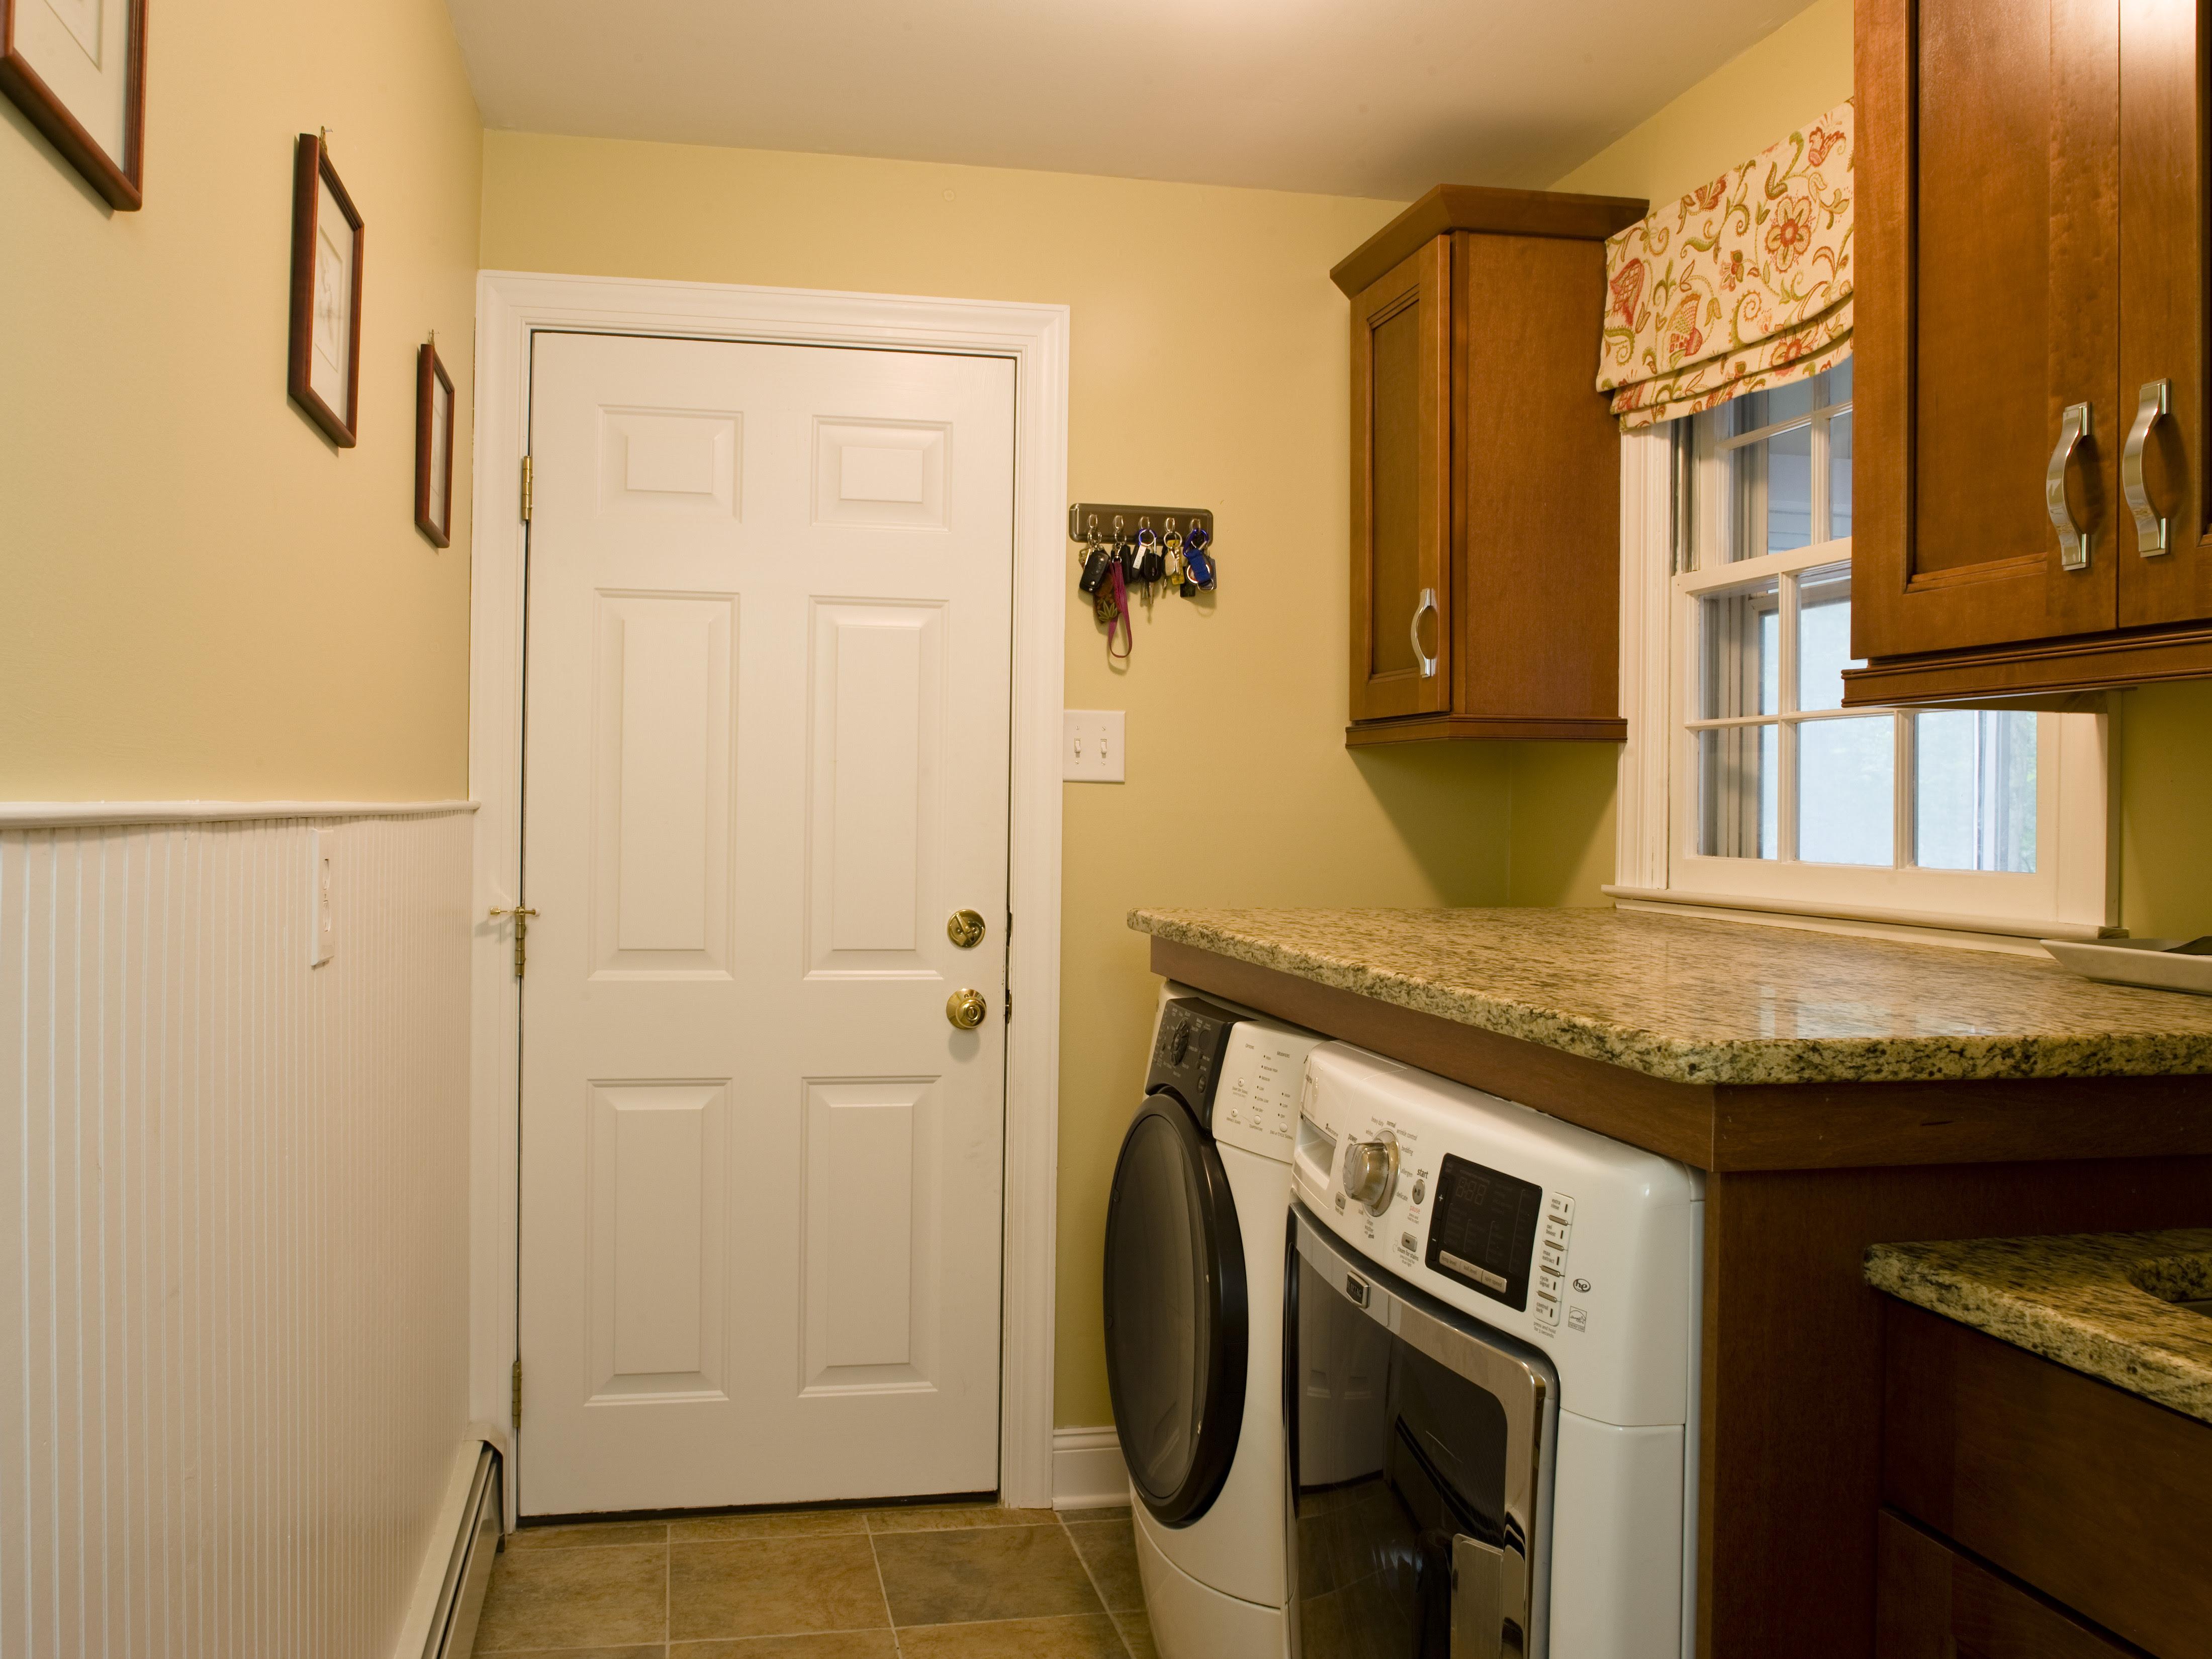 Laundry Room | designerdee